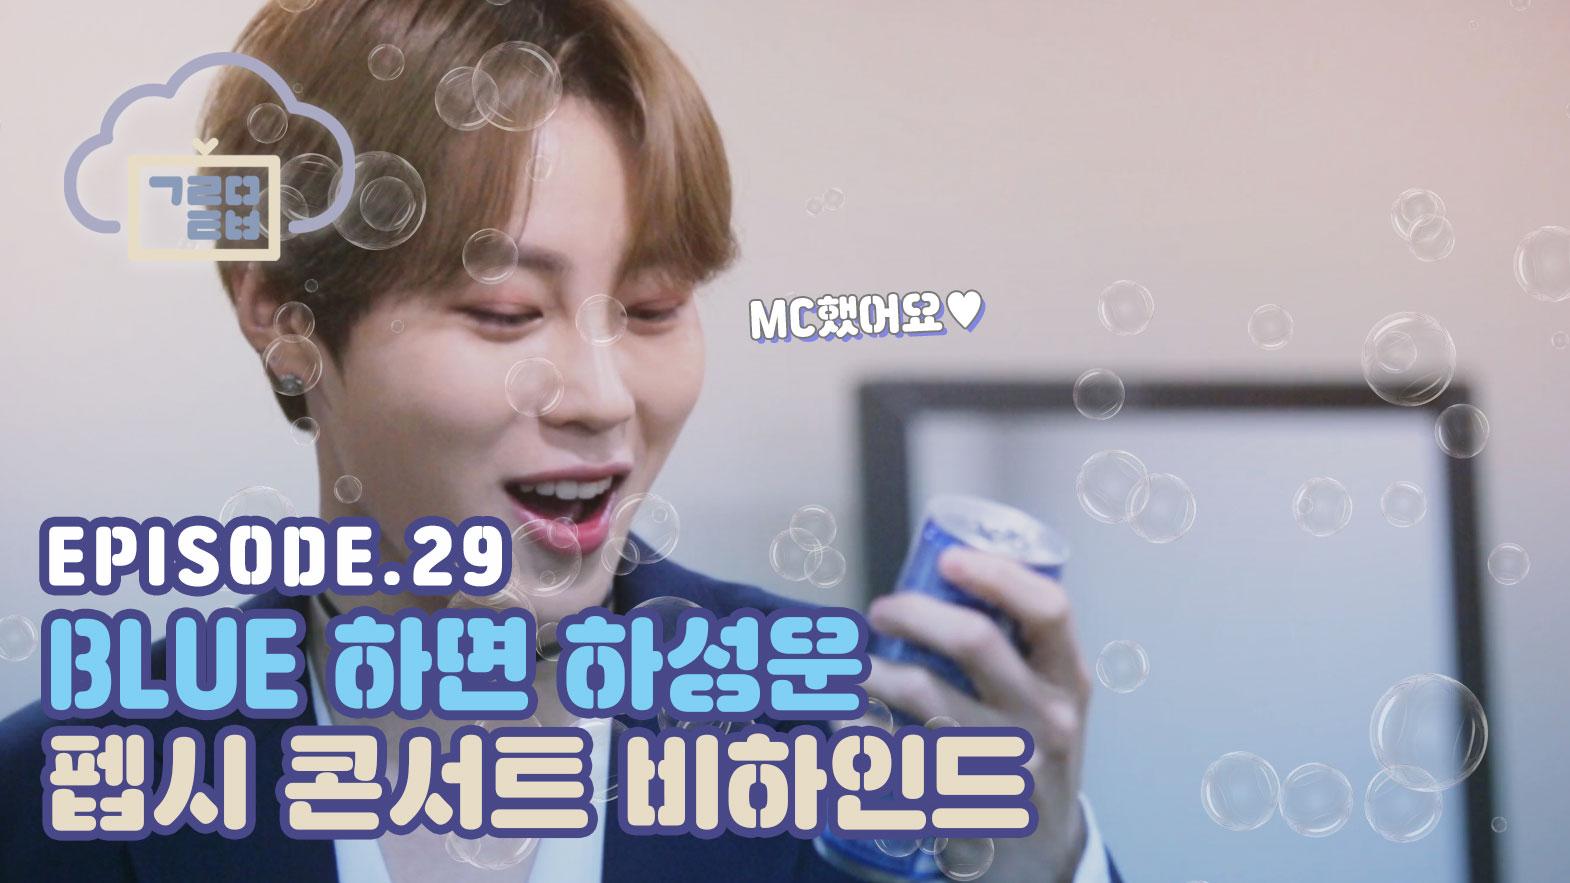 [구르미TV] EP.29 'BLUE' 하면 하성운♡ 펩시 콘서트 비하인드